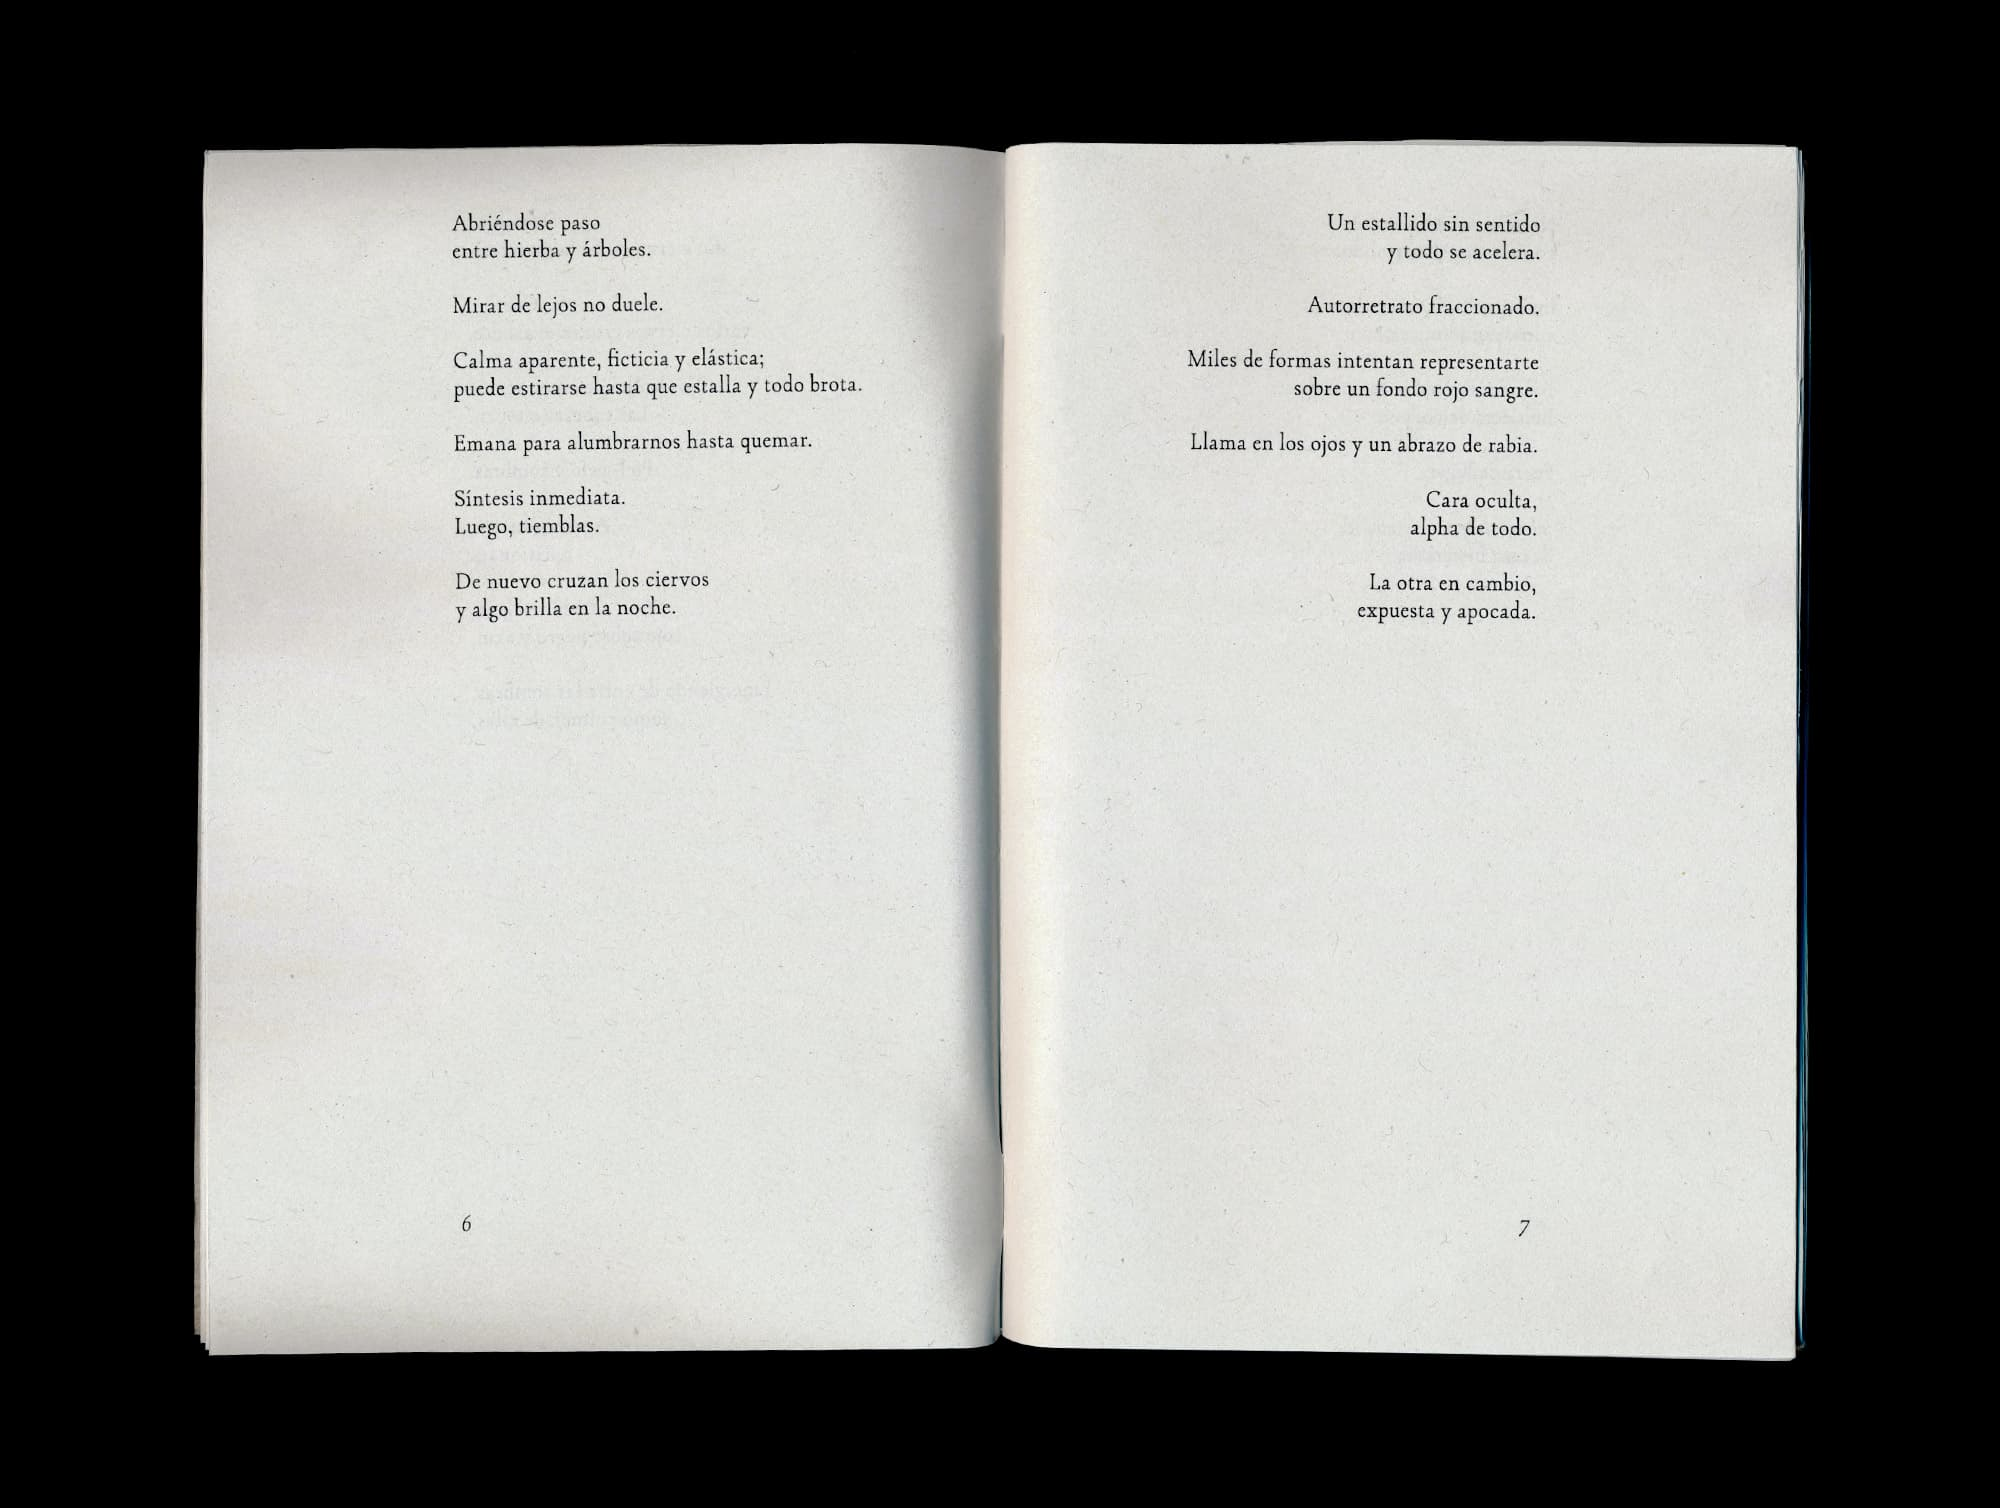 Interior del libro de poesía contemporanea Principios de algo